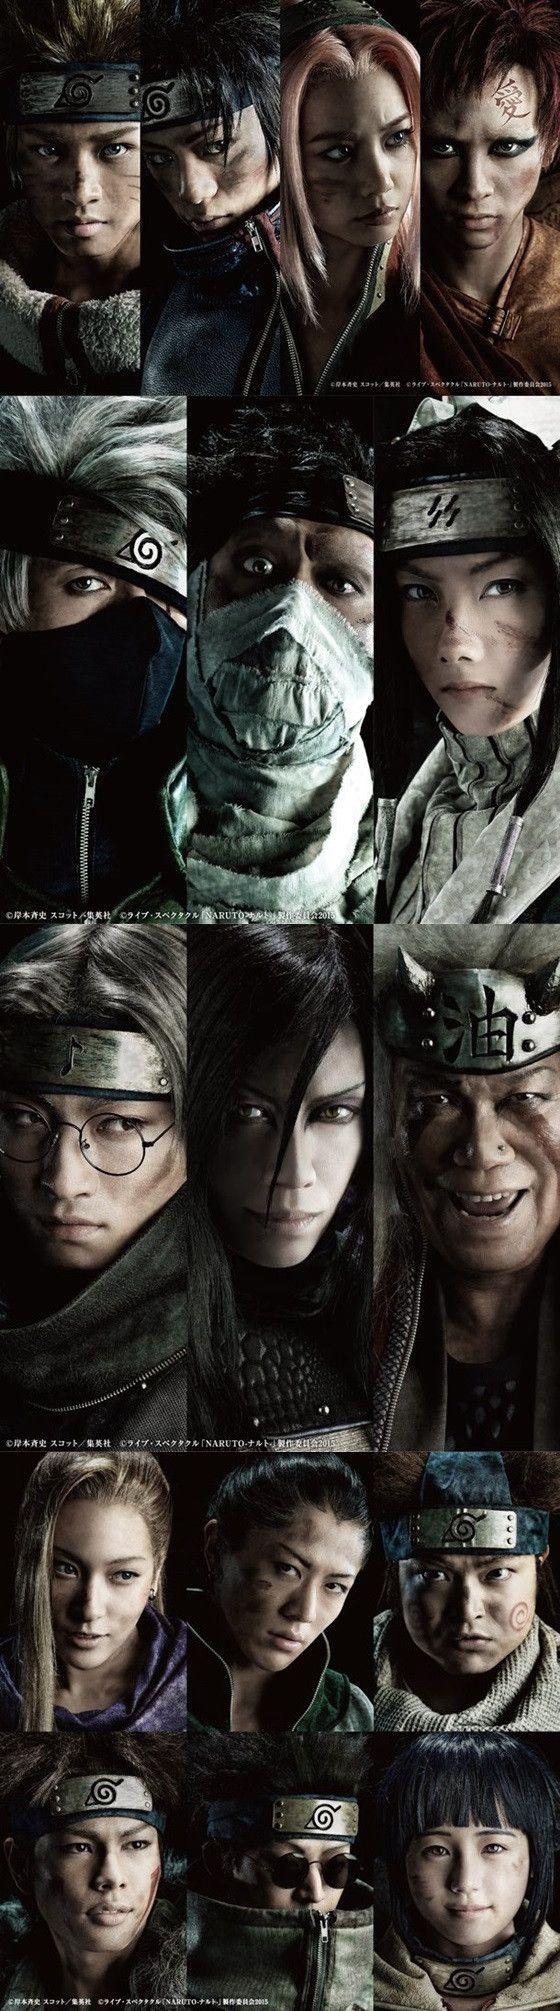 """¿Mejor cosplay de Naruto? Actores para """"Naruto: la Obra de Teatro""""   Cosplaysky.es"""